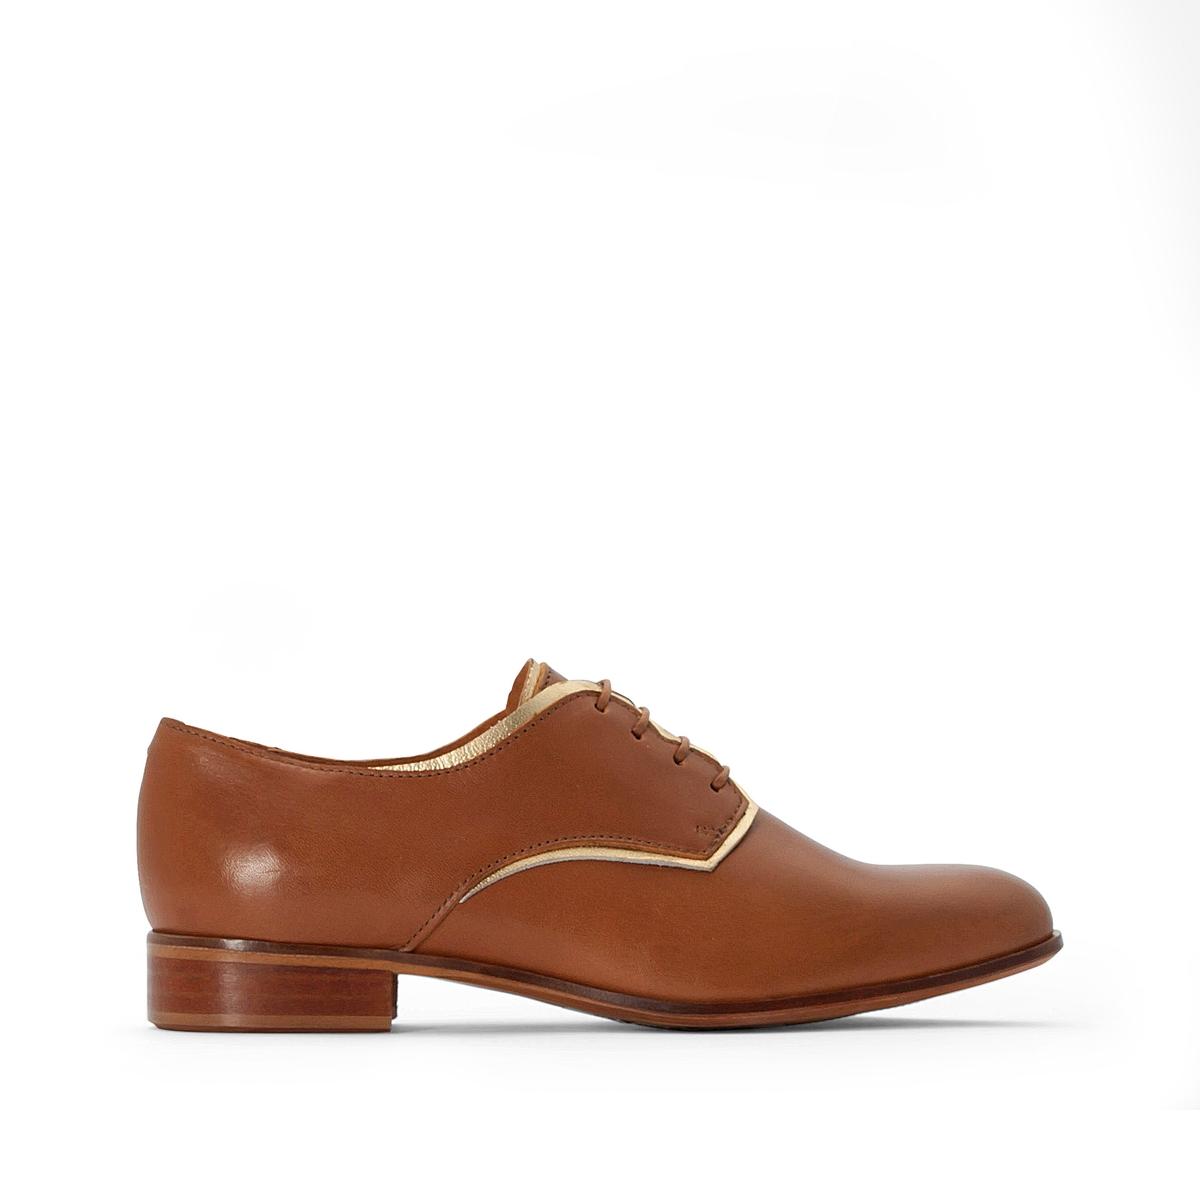 цена Ботинки-дерби La Redoute Кожаные на шнуровке 42 каштановый онлайн в 2017 году